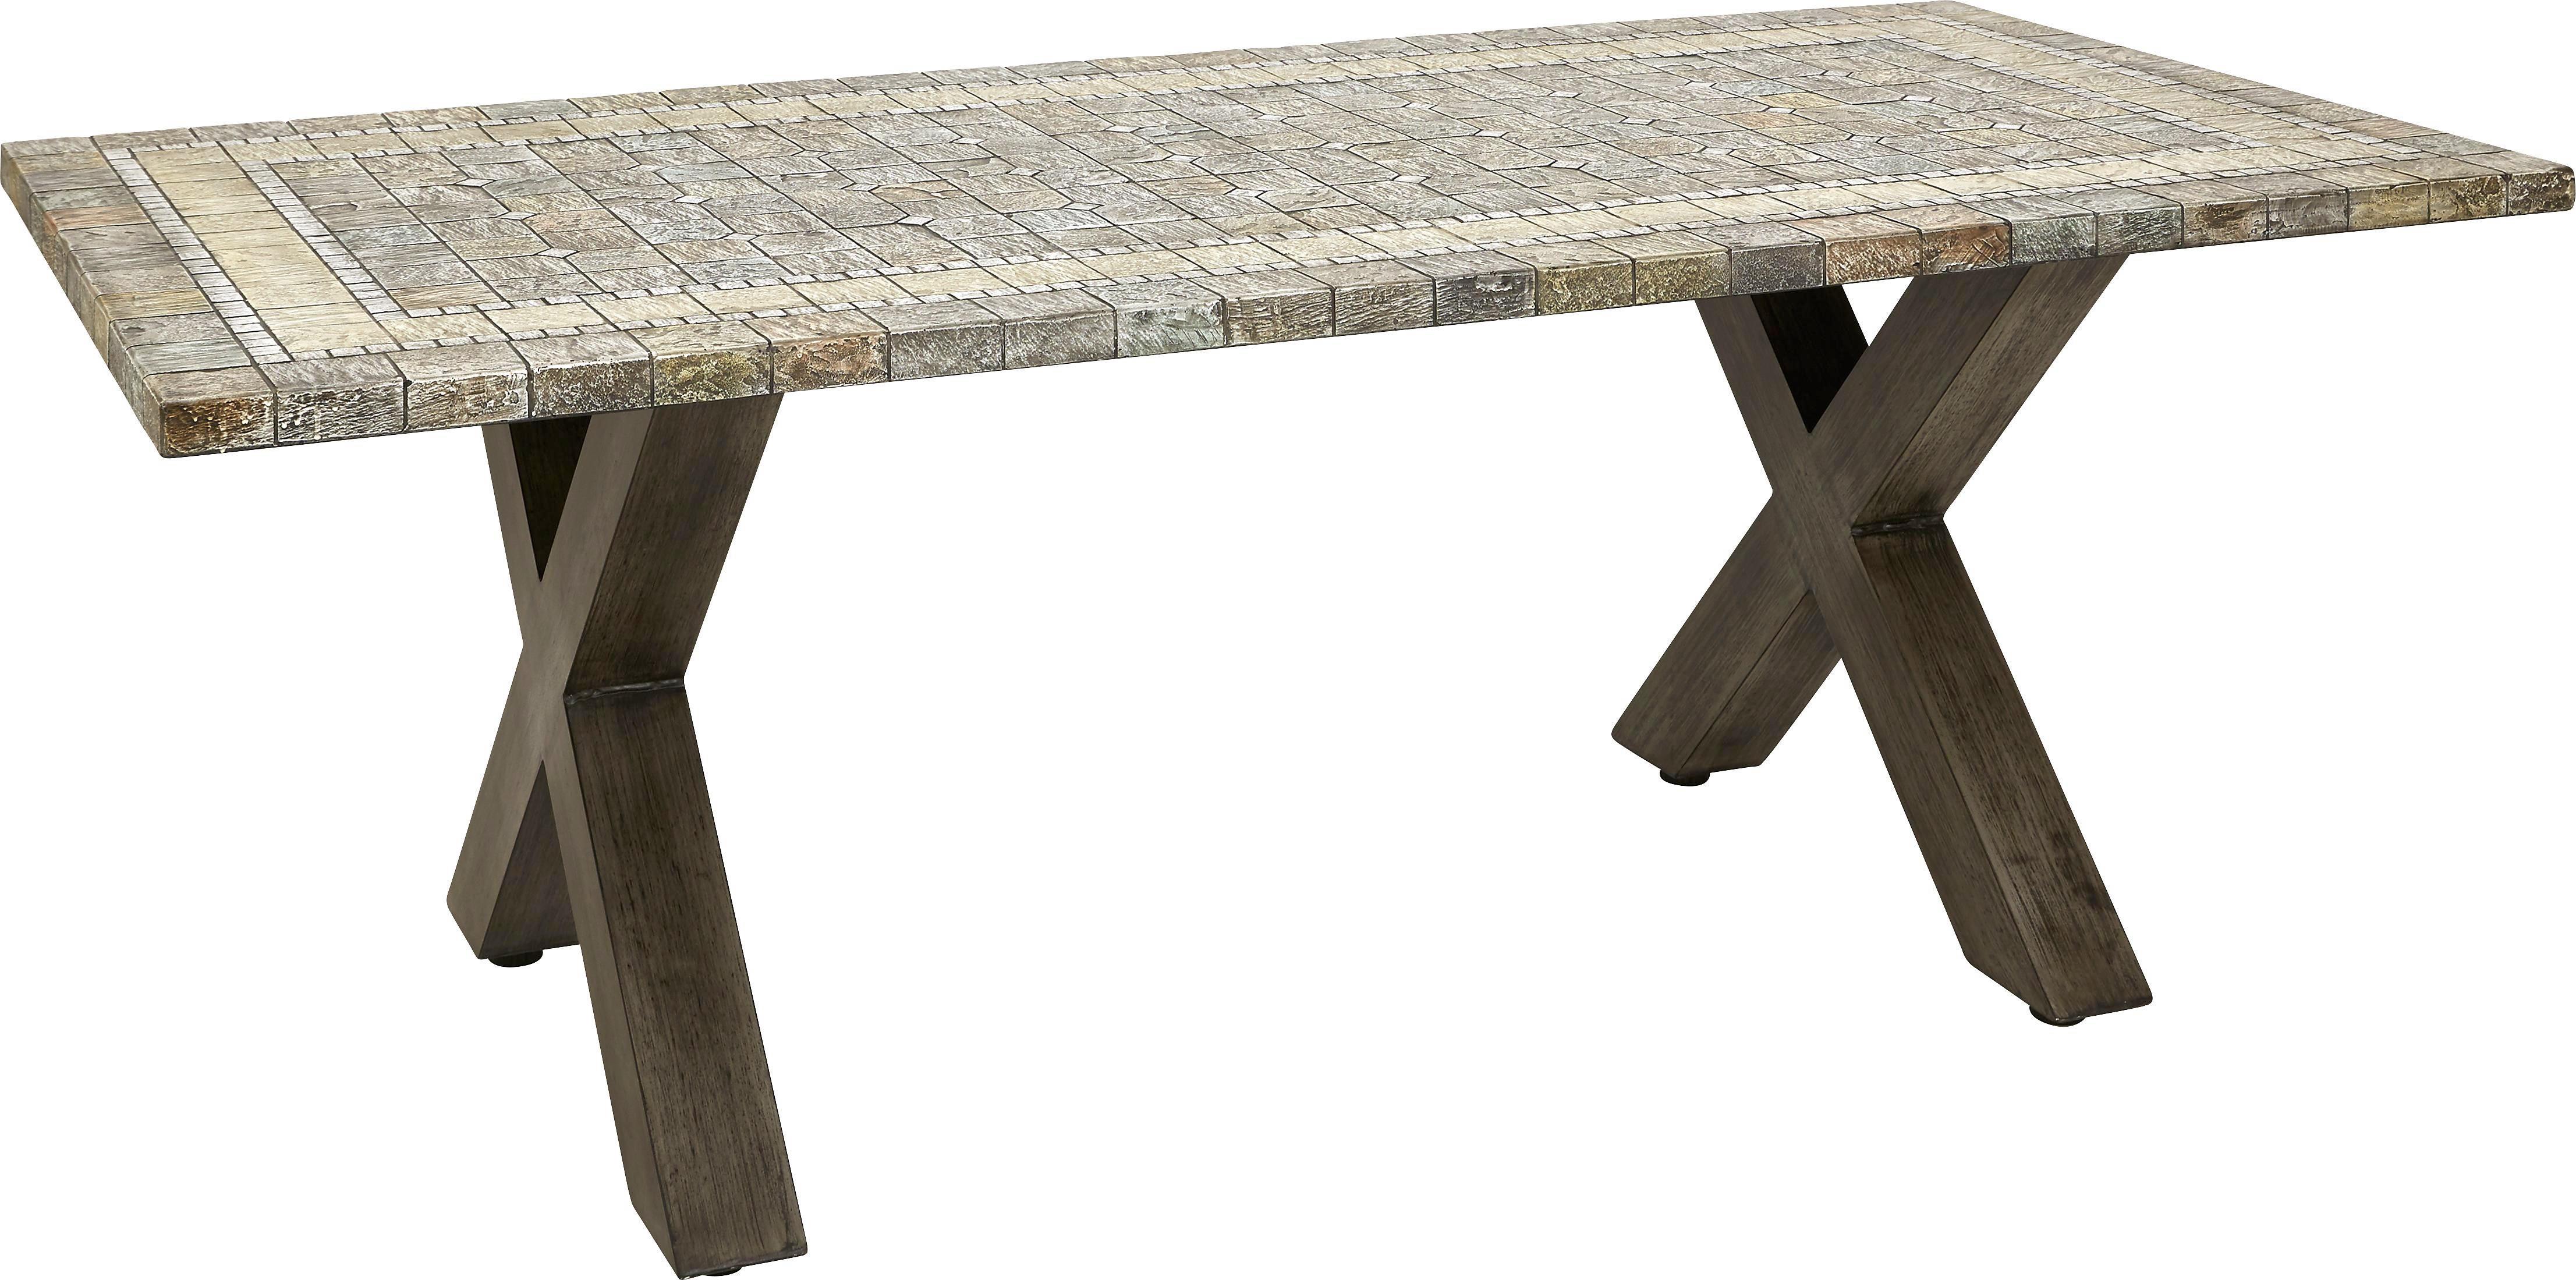 Gartentisch Holz Anthrazit Rattan Gartentisch Haus Ideen